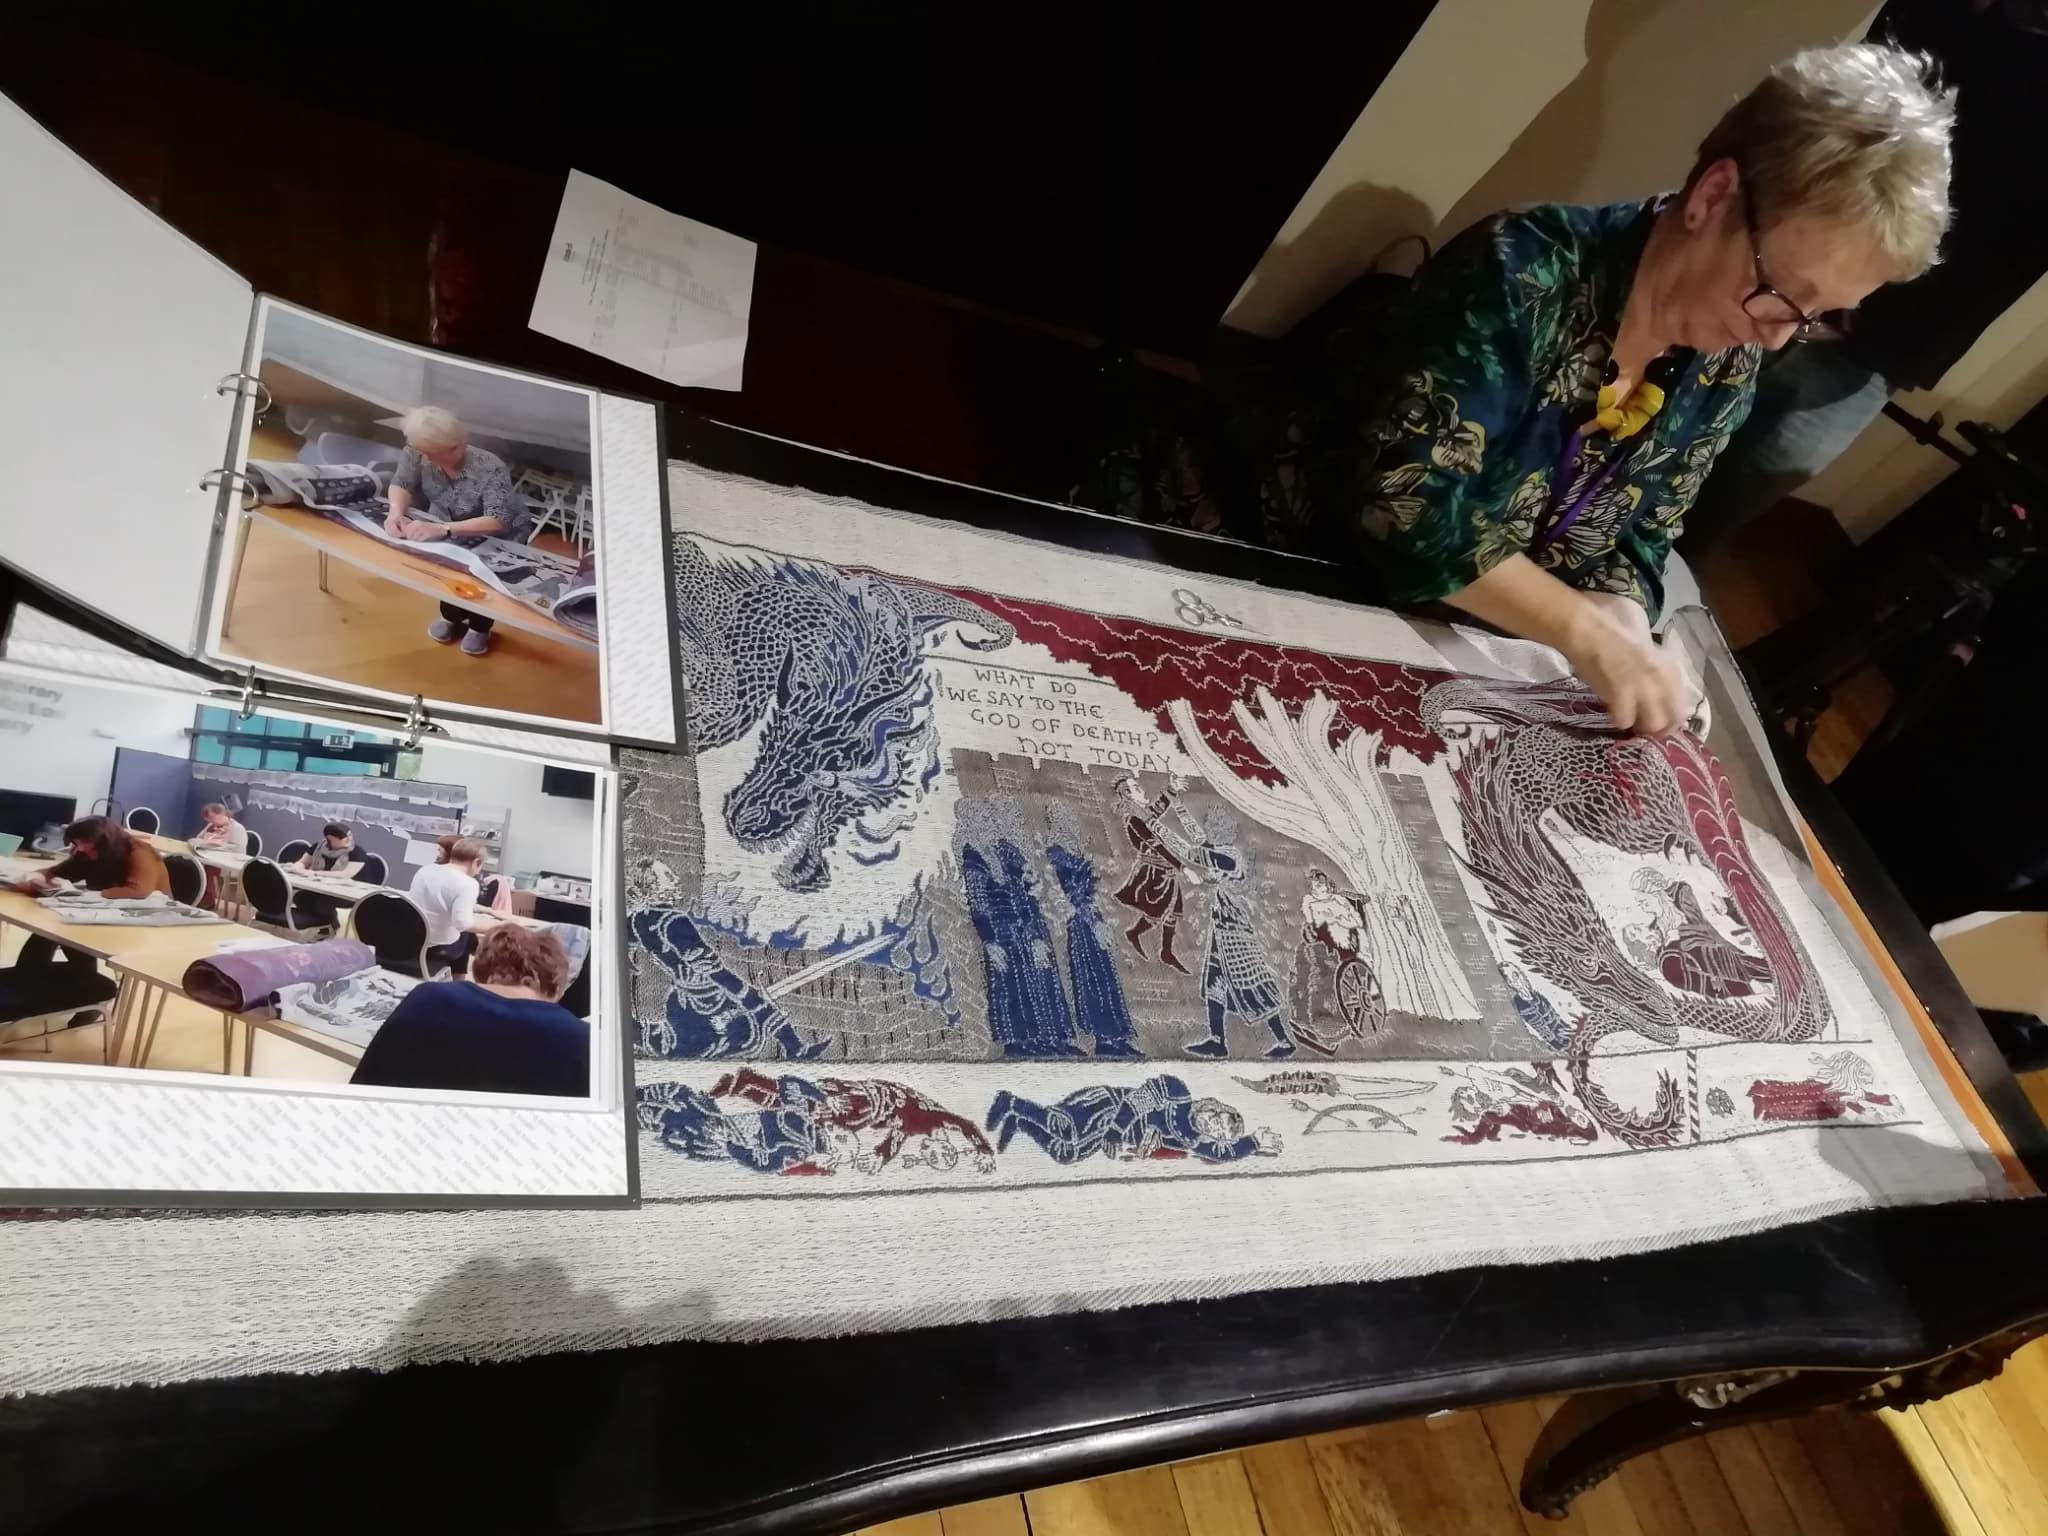 Toute la tapisserie a été réalisée à la main, comme on a pu le voir durant cette démonstration